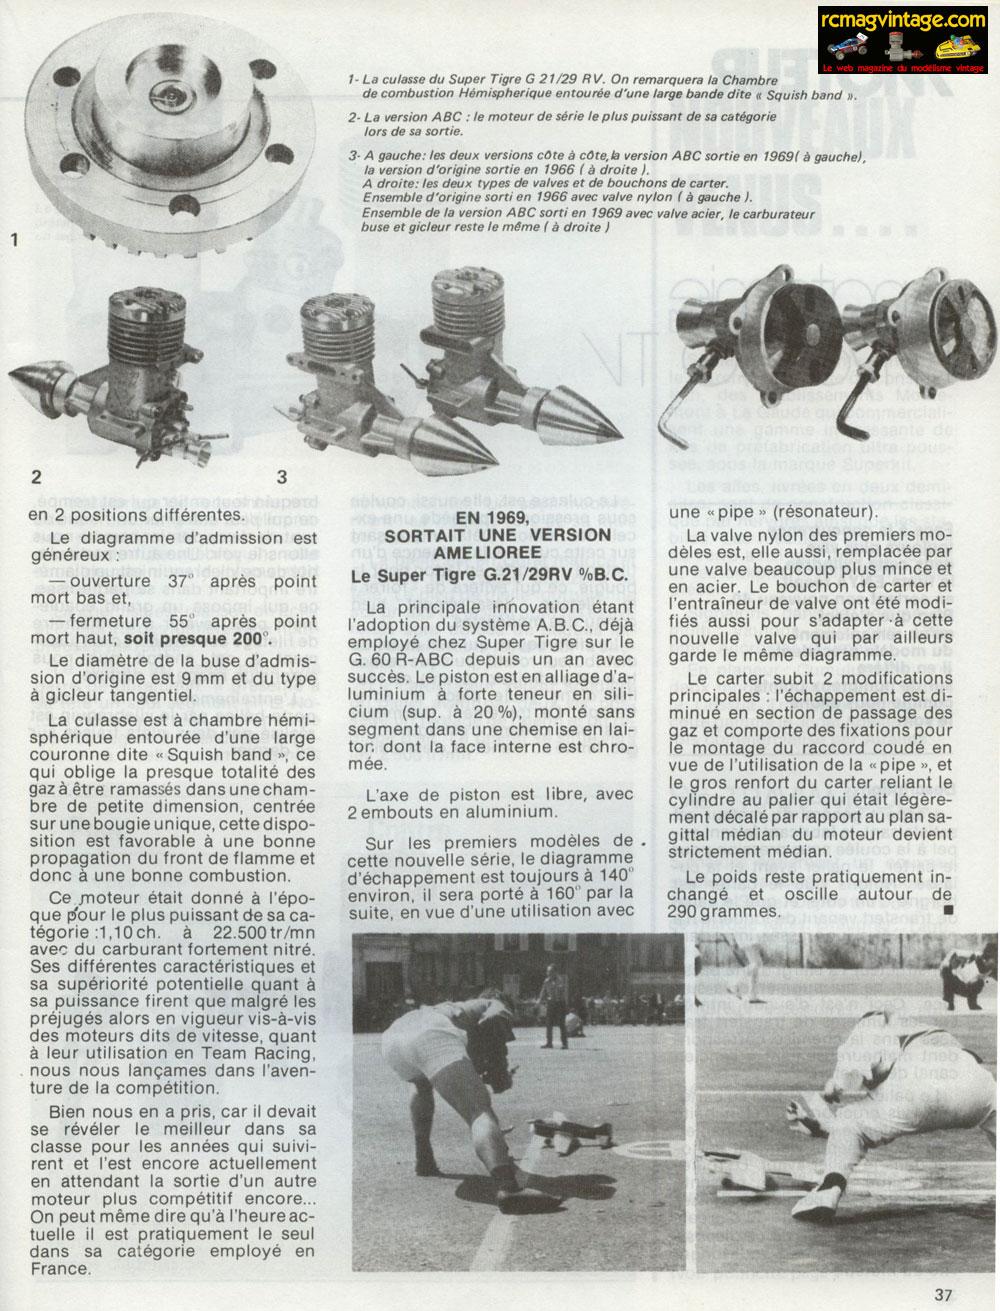 les articles revues moteurs avions du mus u00e9e virtuel de rcmagvintage com